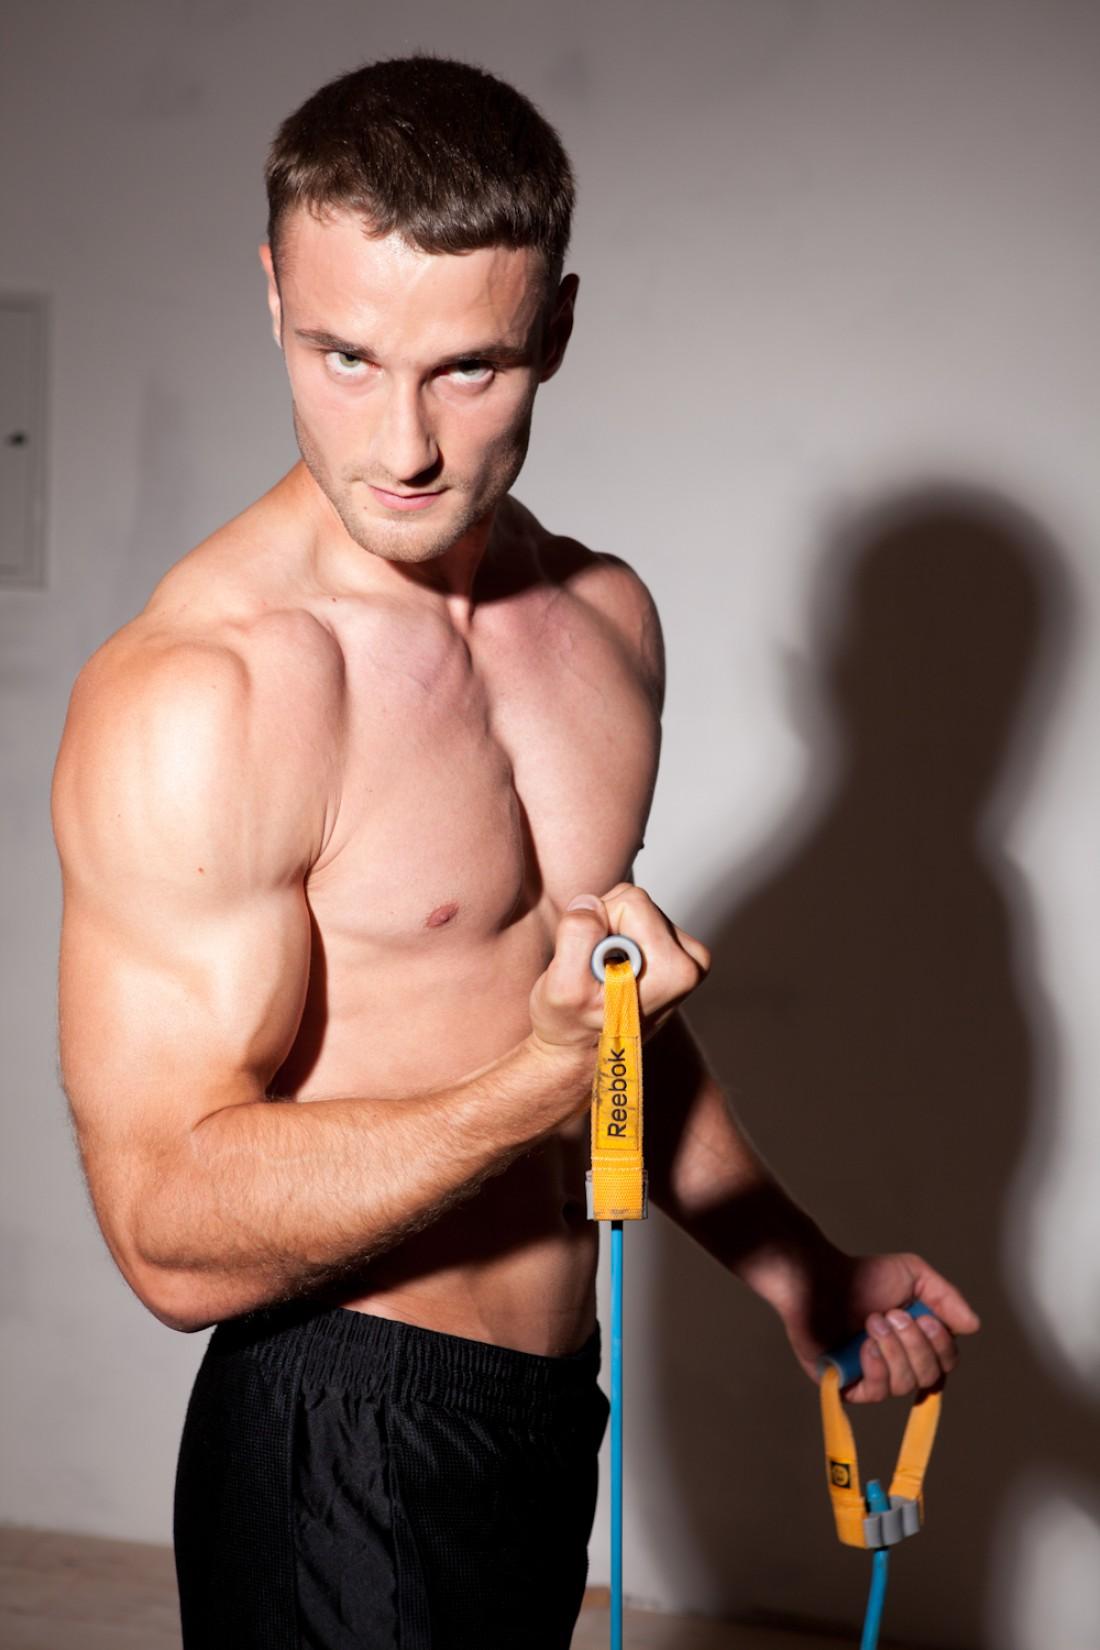 Владимир Олейник, мастер спорта по пауэрлифтингу, тренер BodyArt fitness